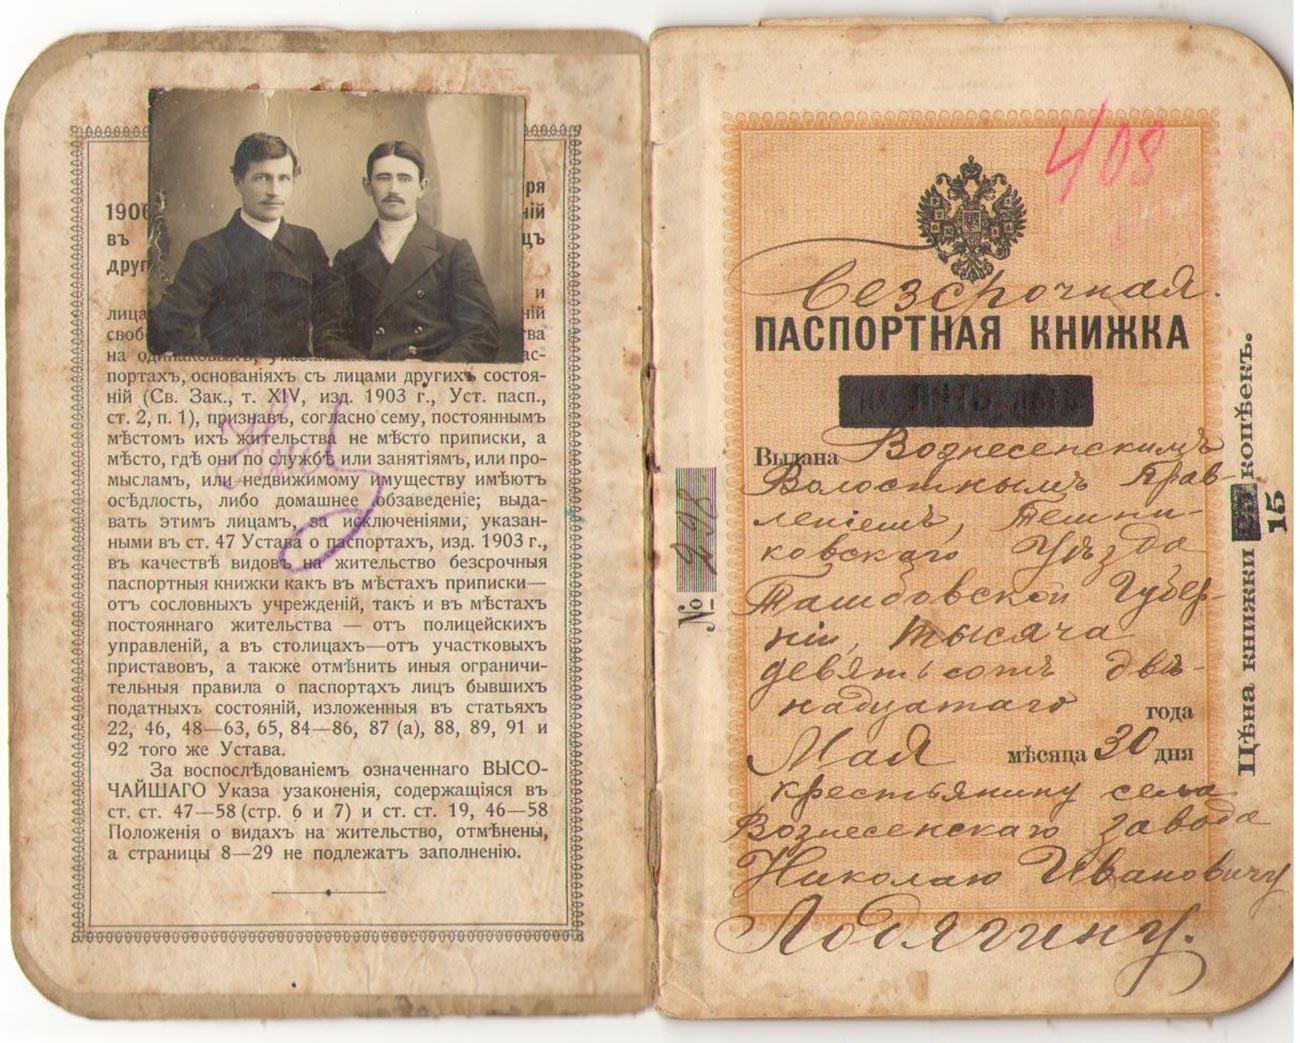 Passeport de l'époque impériale